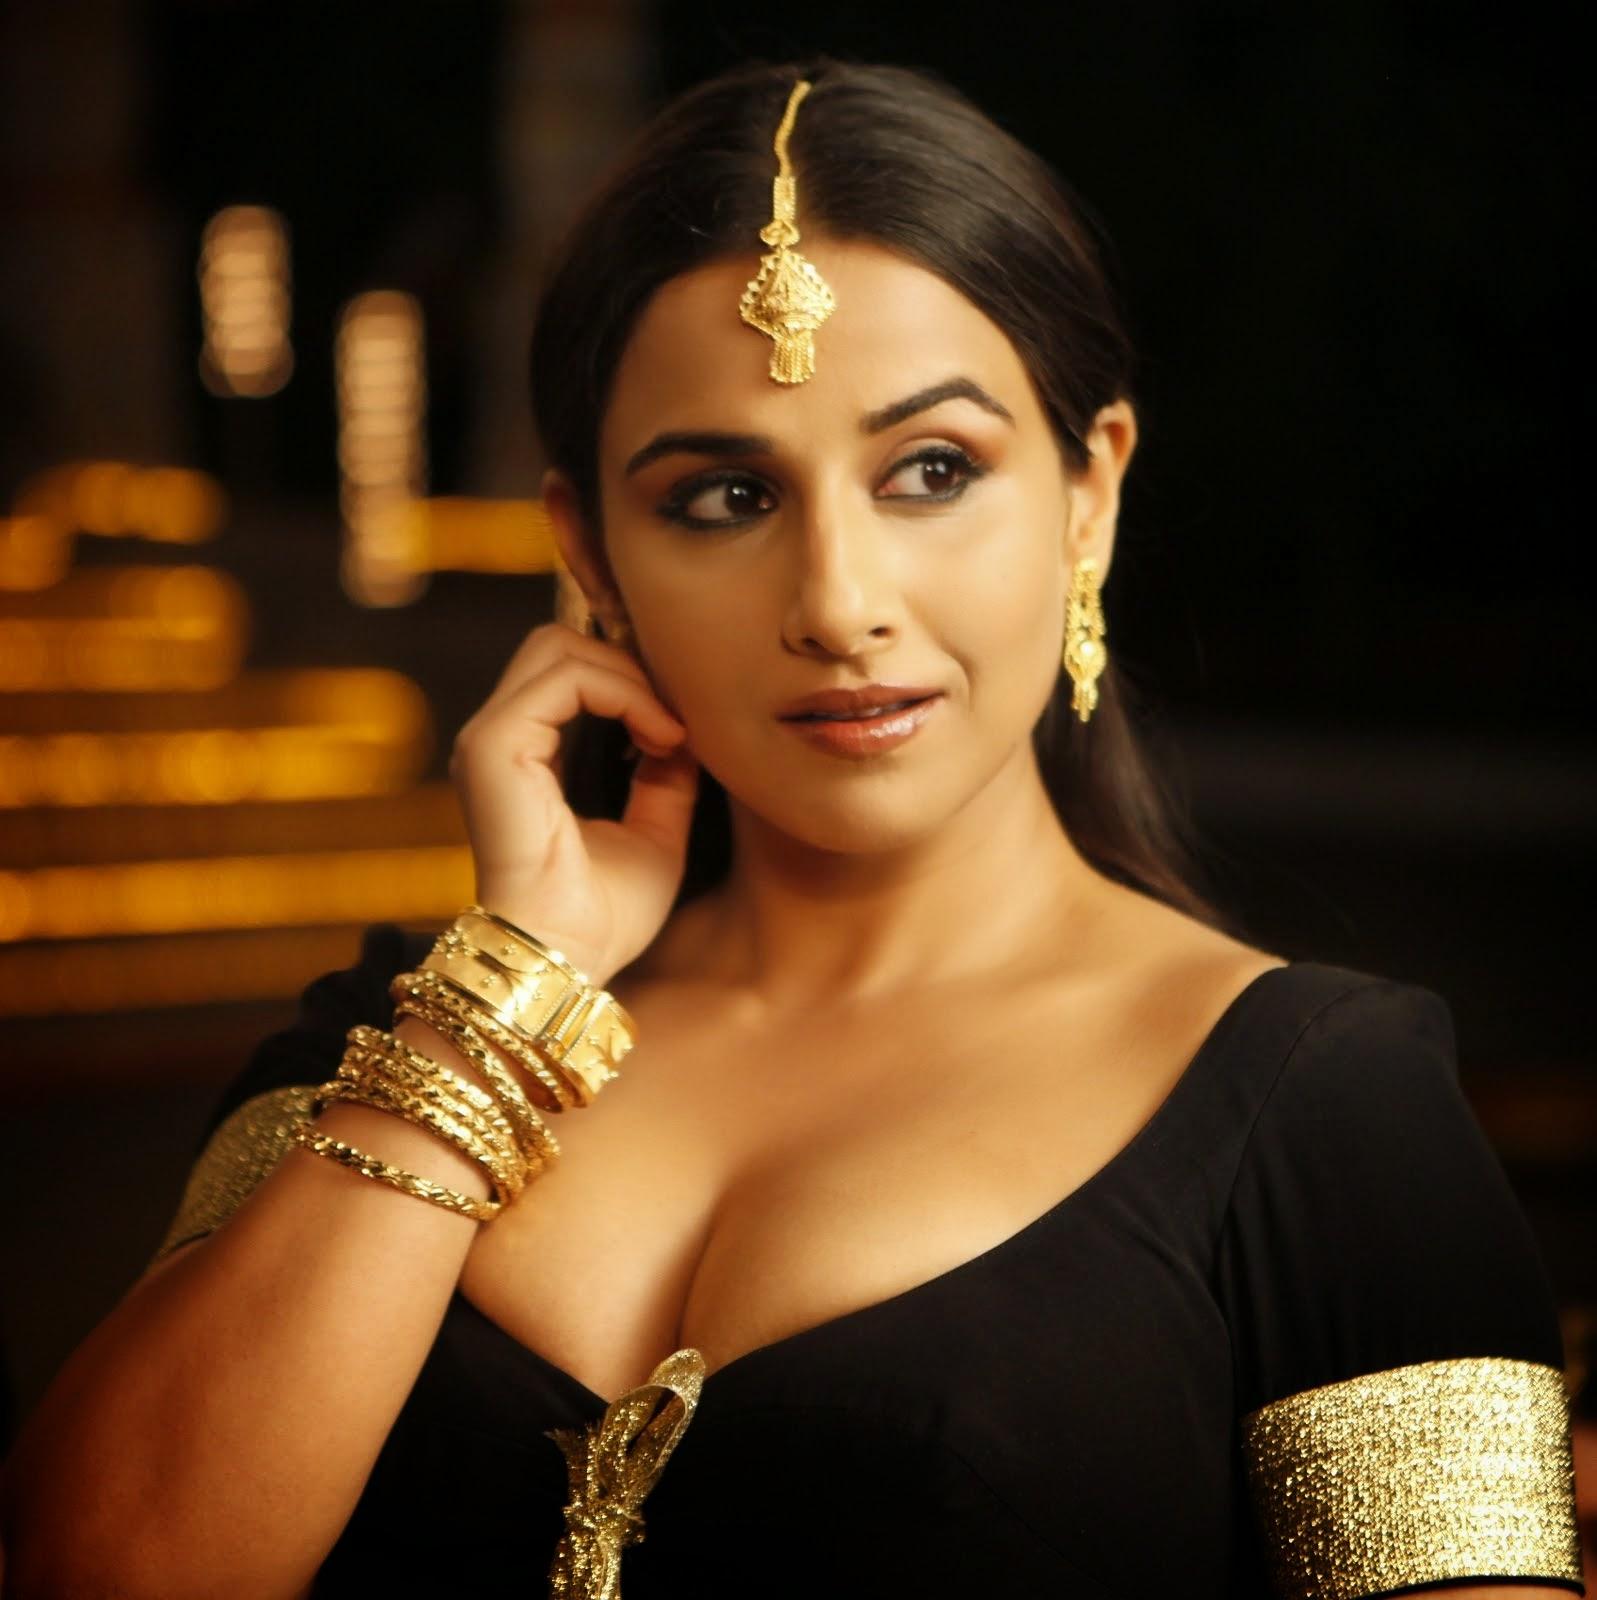 Vidya Balan hot bollywood actress wallpaper